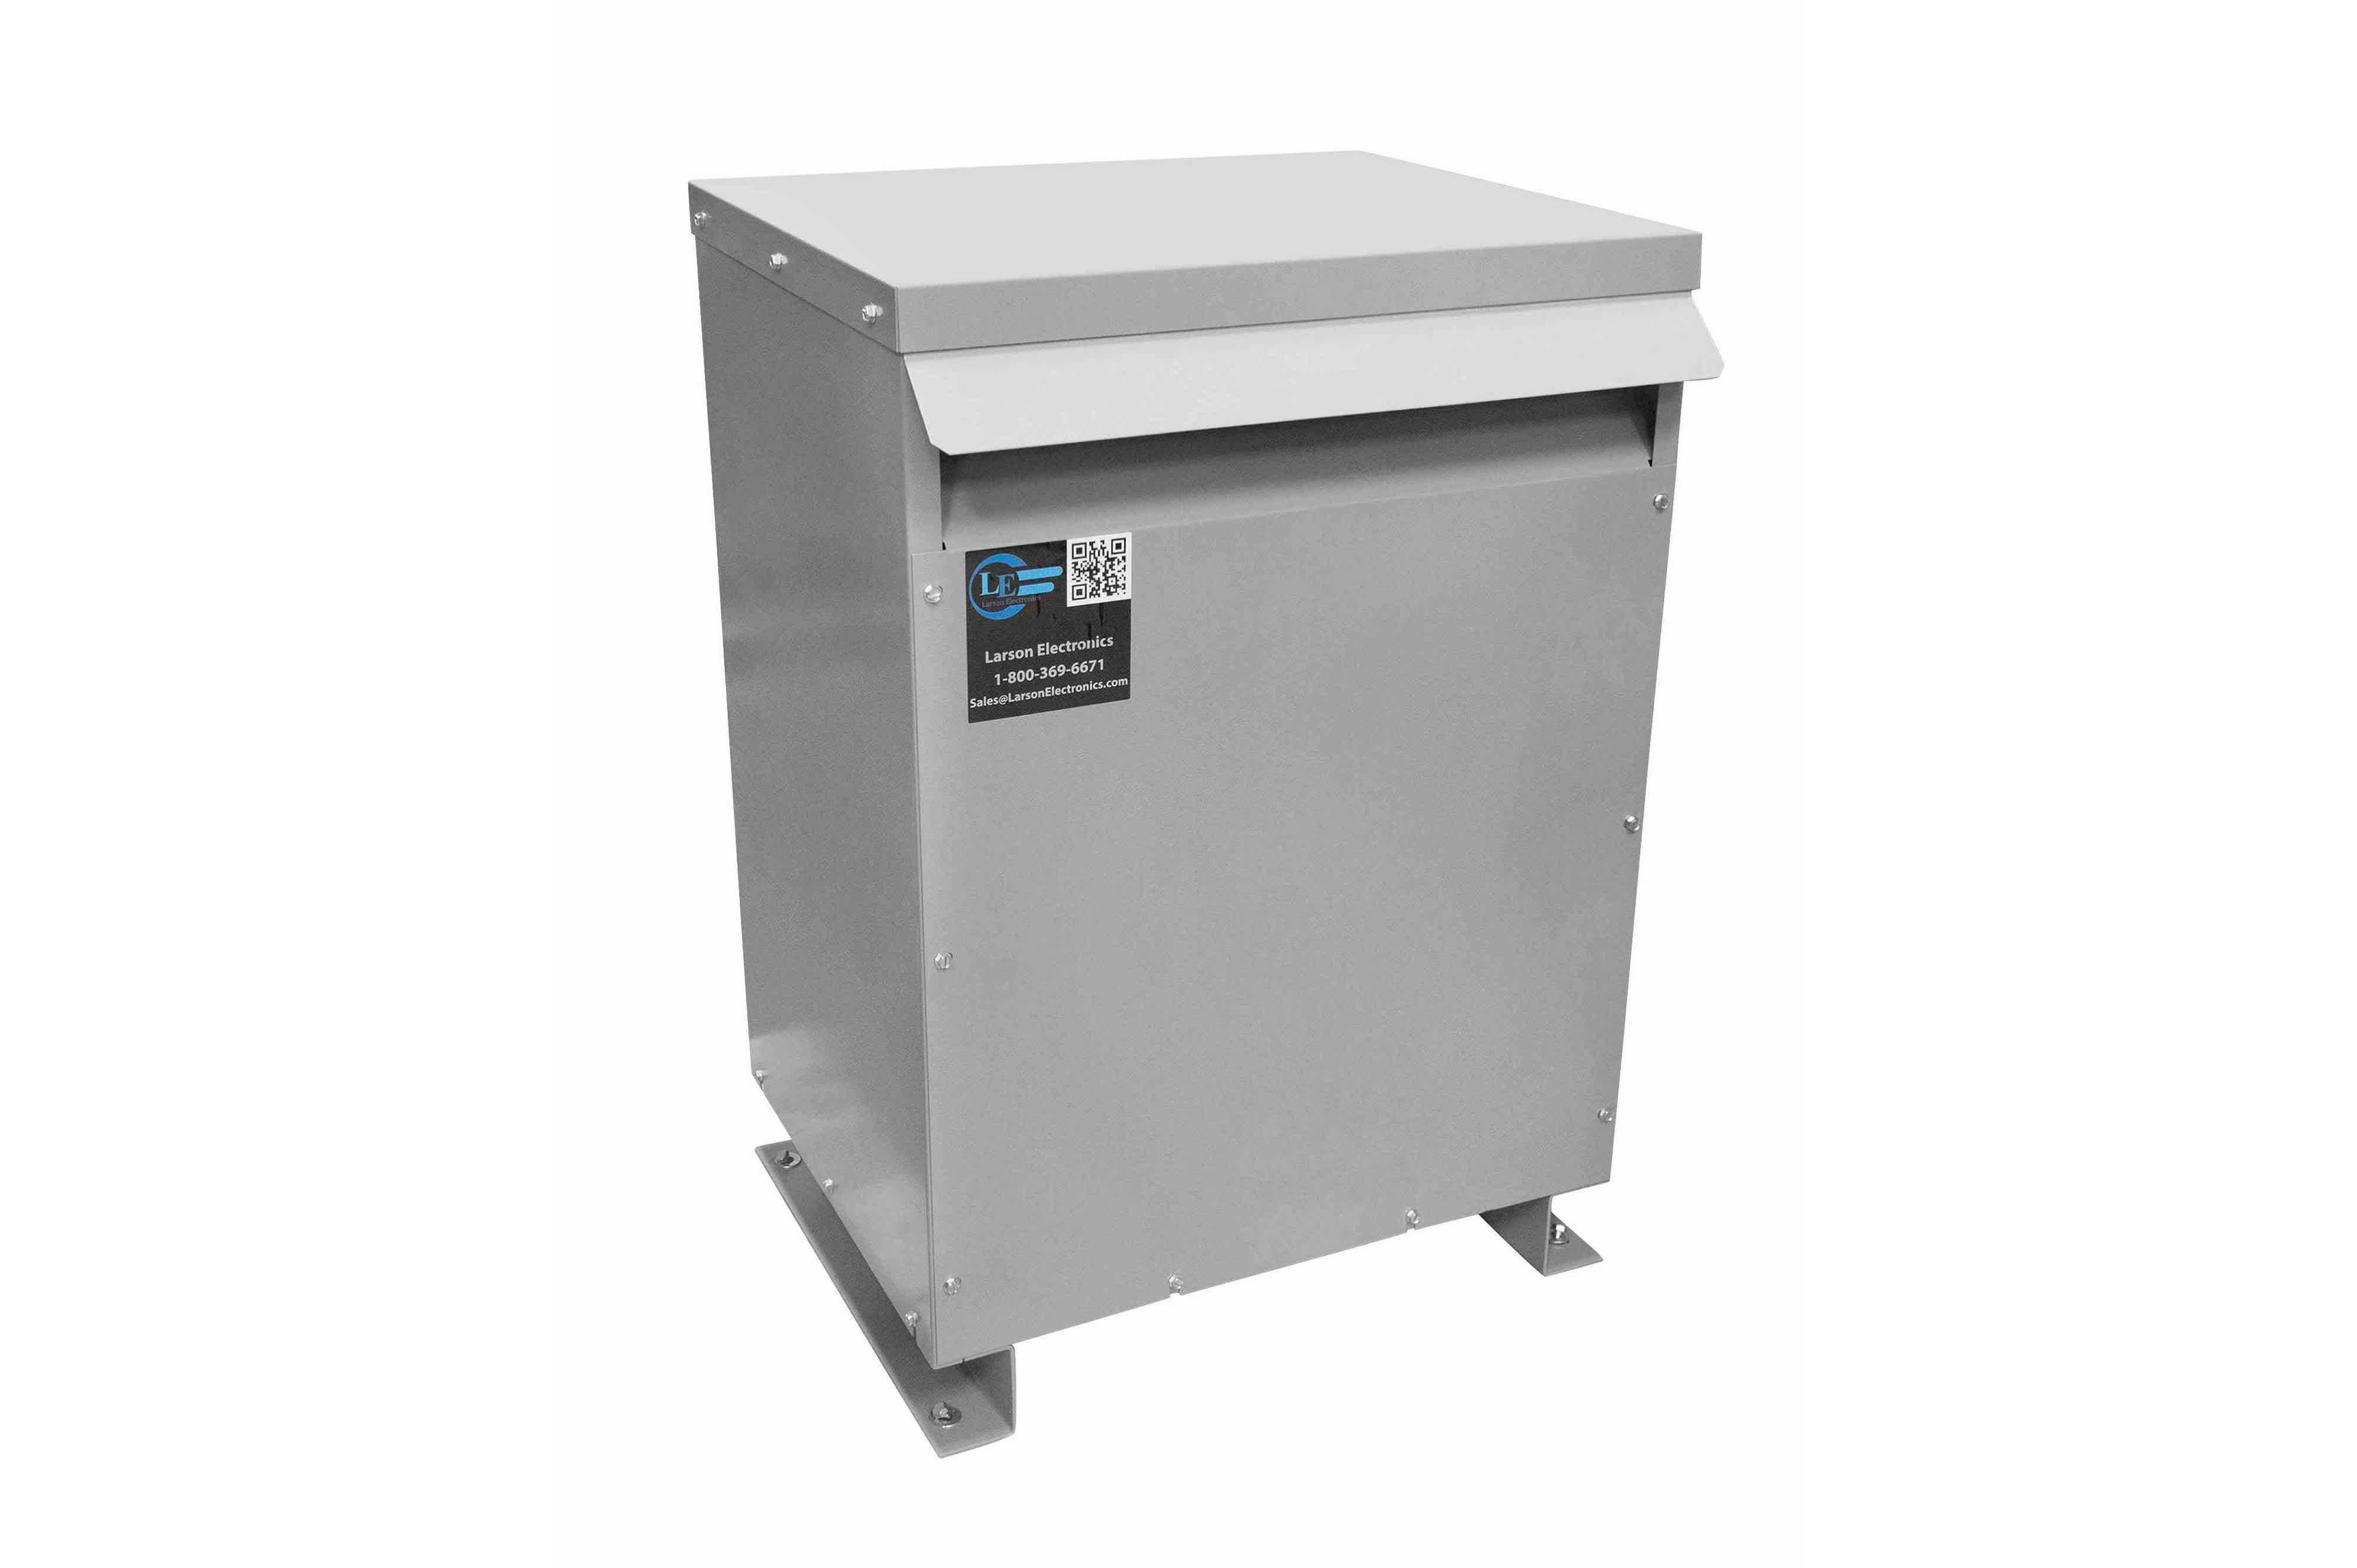 10 kVA 3PH Isolation Transformer, 480V Delta Primary, 380V Delta Secondary, N3R, Ventilated, 60 Hz